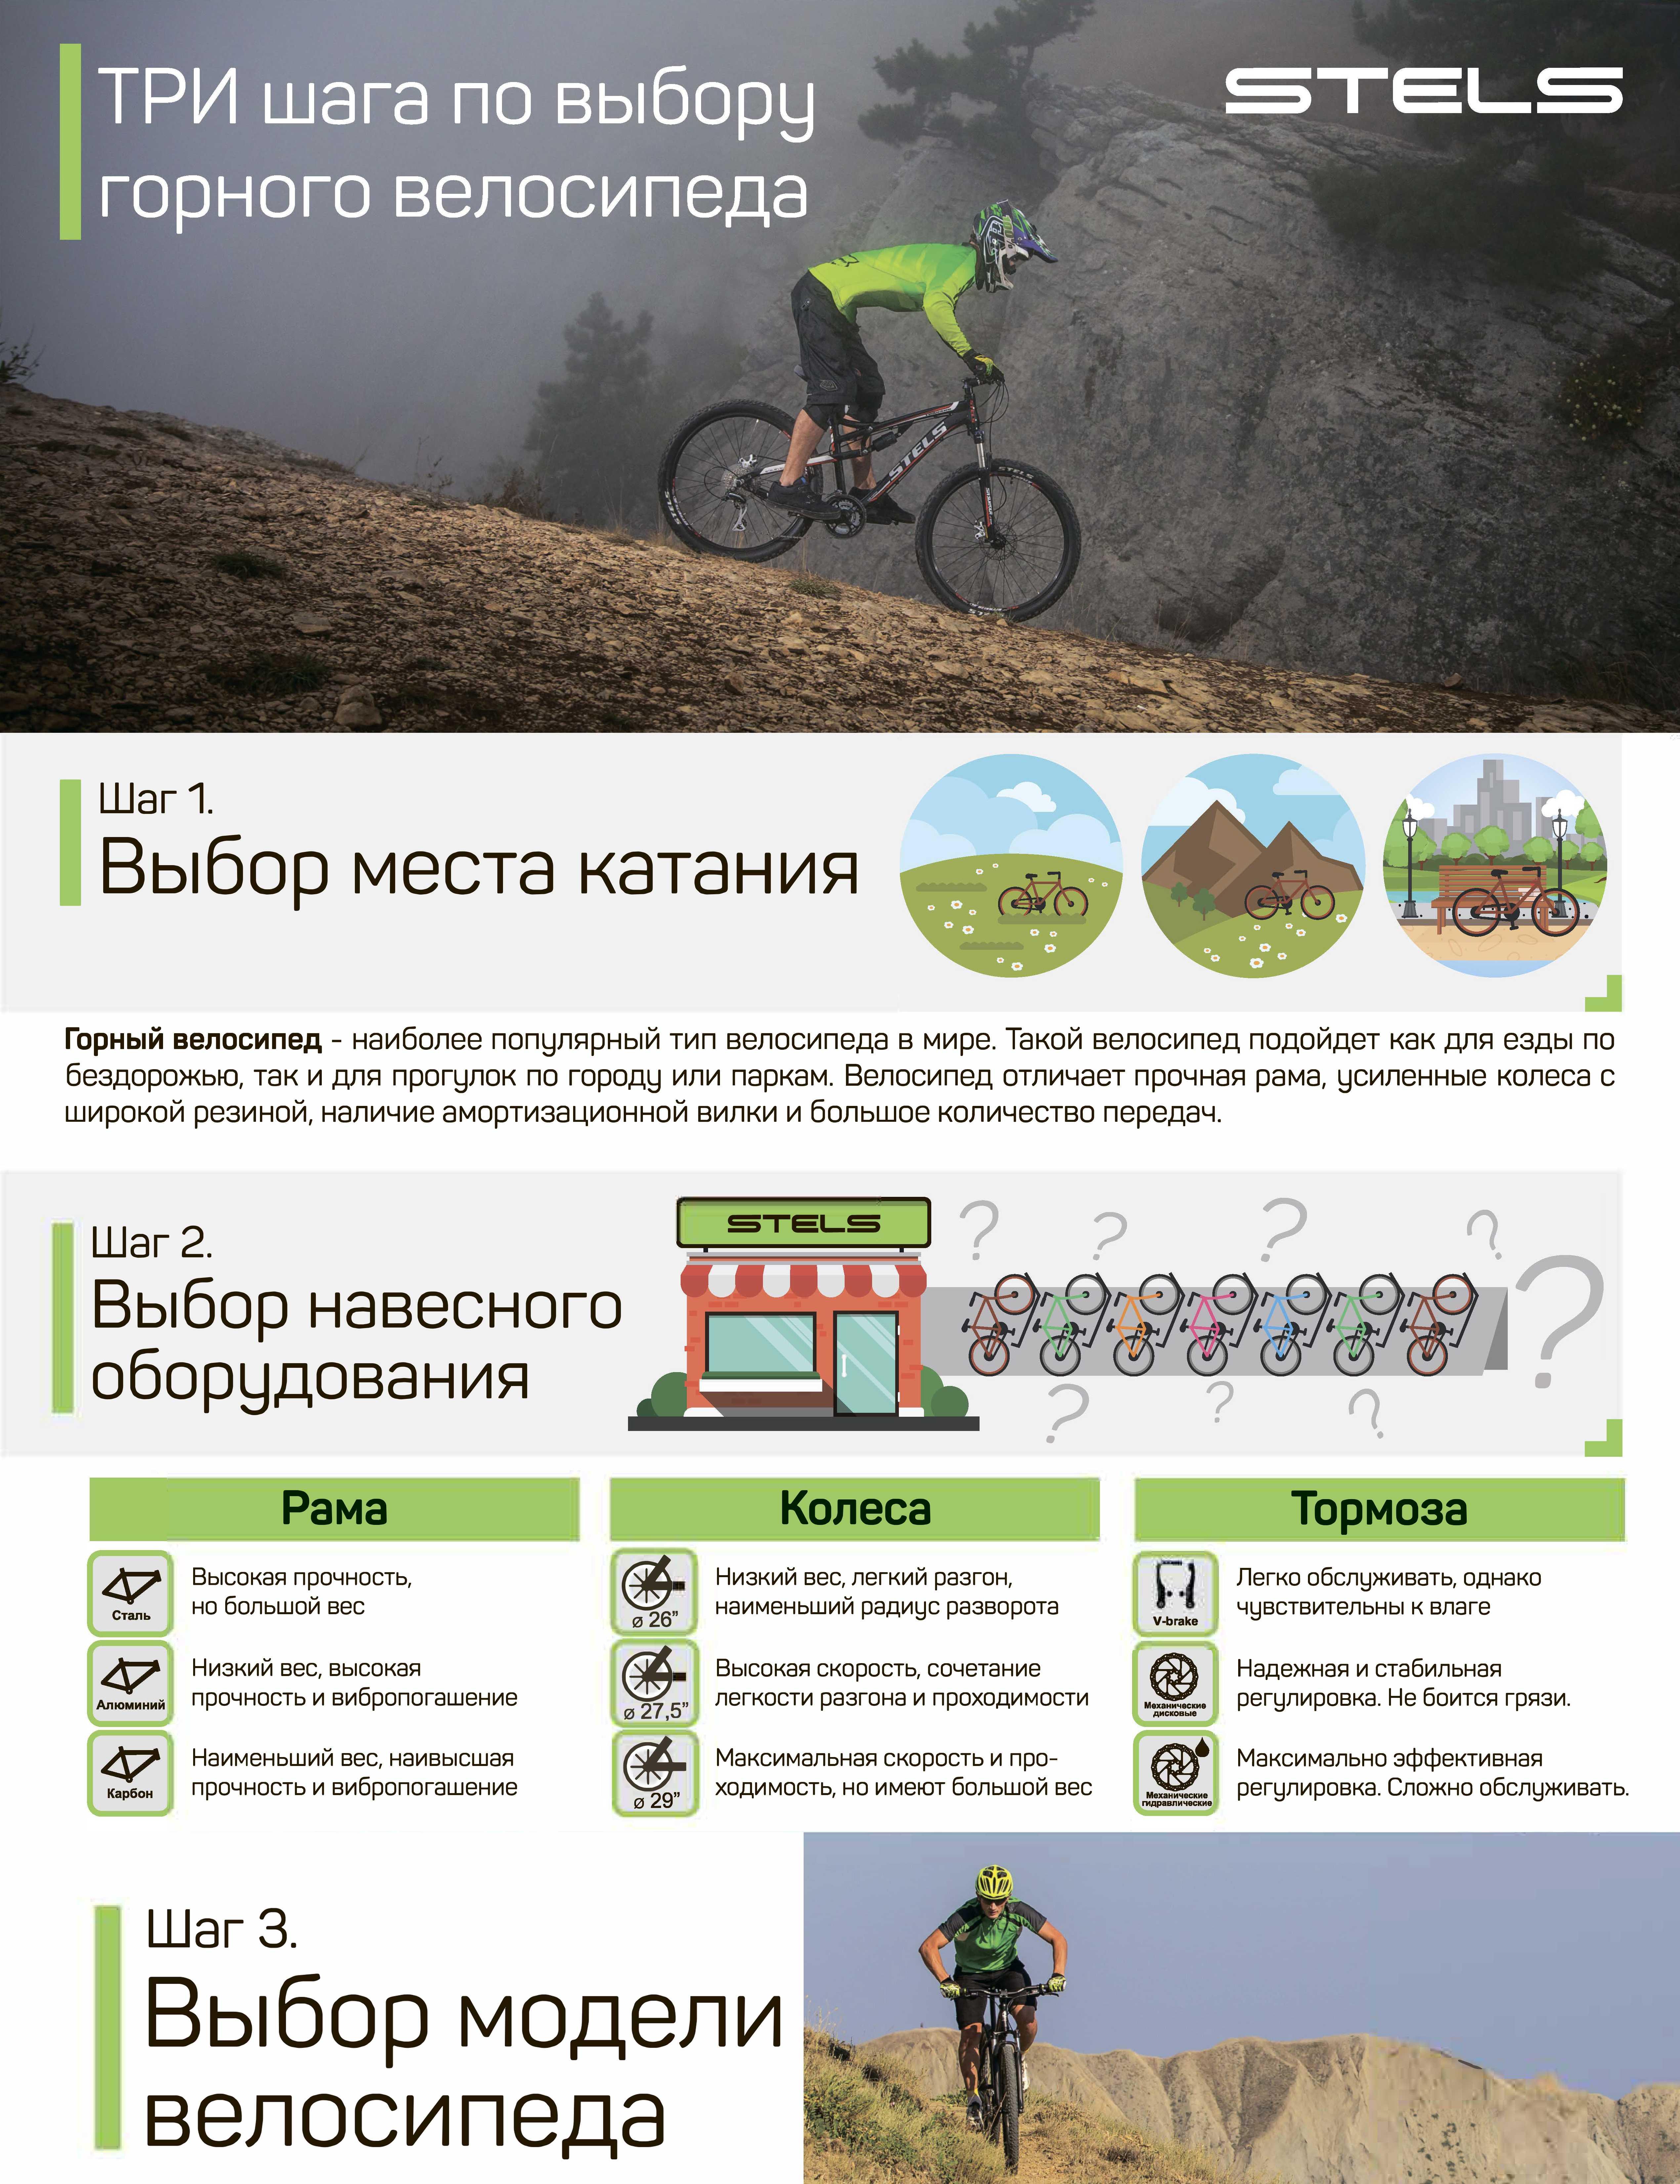 Размер велосипеда. как выбрать правильно